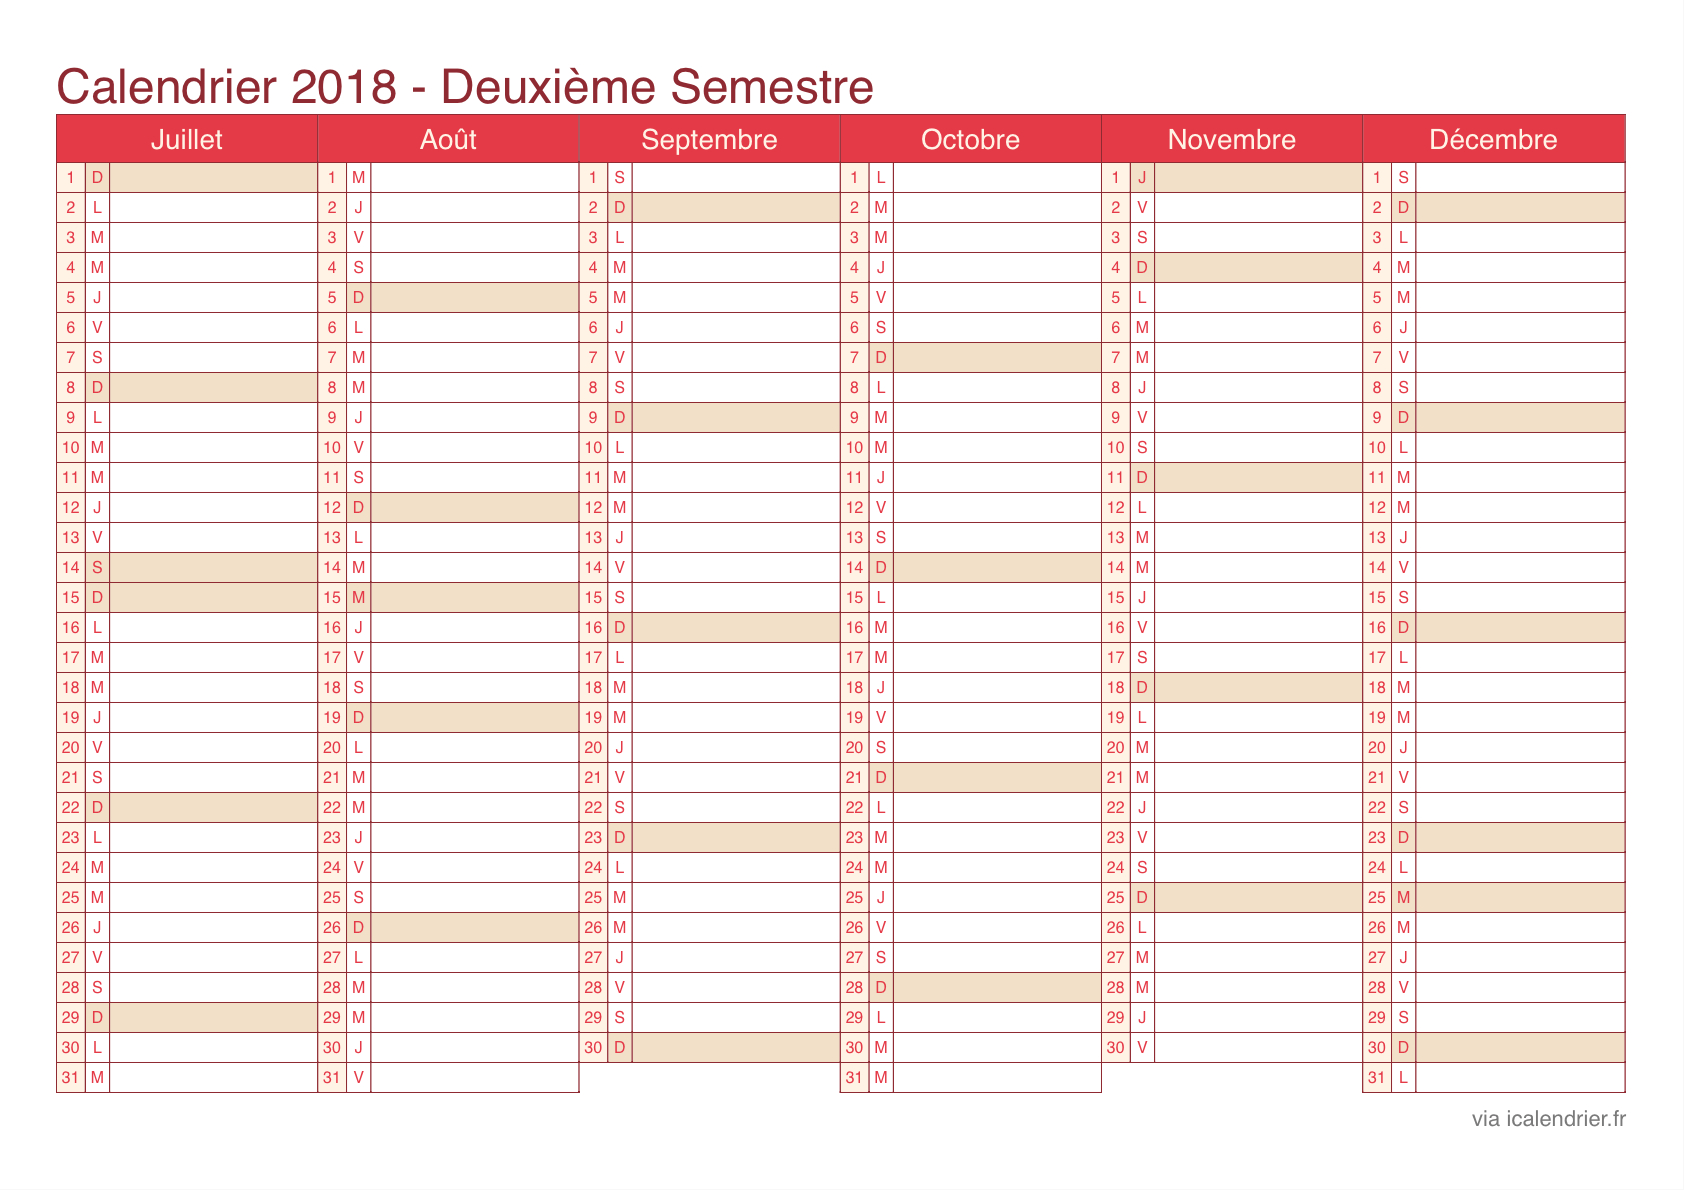 Calendrier 2018 À Imprimer Pdf Et Excel - Icalendrier serapportantà Calendrier Annuel 2018 À Imprimer